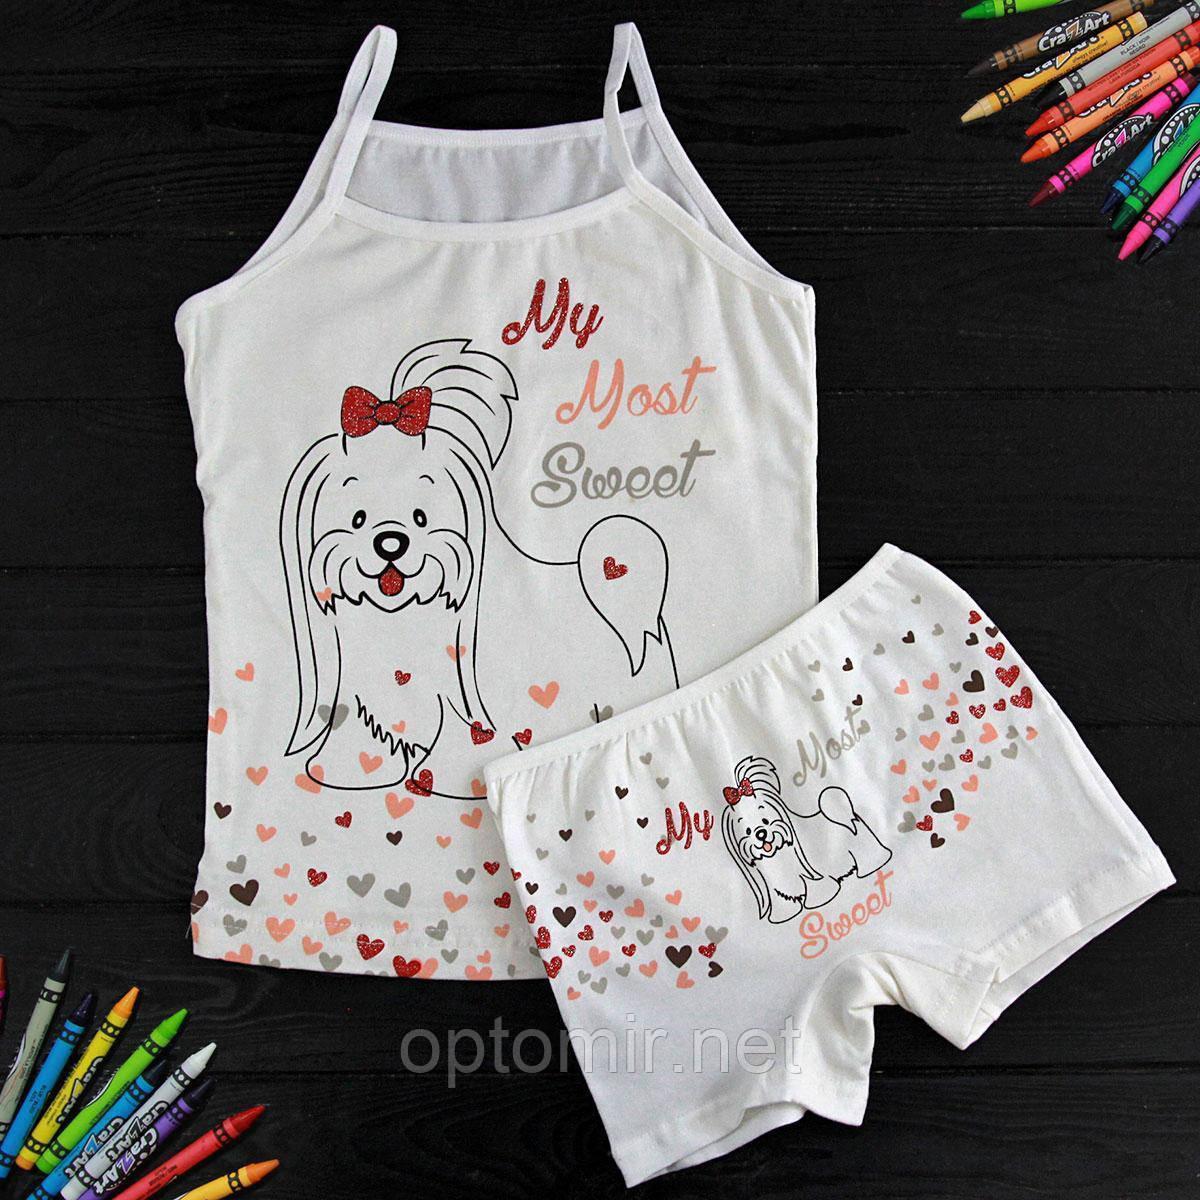 Комплект детский Donella с собачкой белый для девочки на 6/7 лет (шортики) | 1 шт.